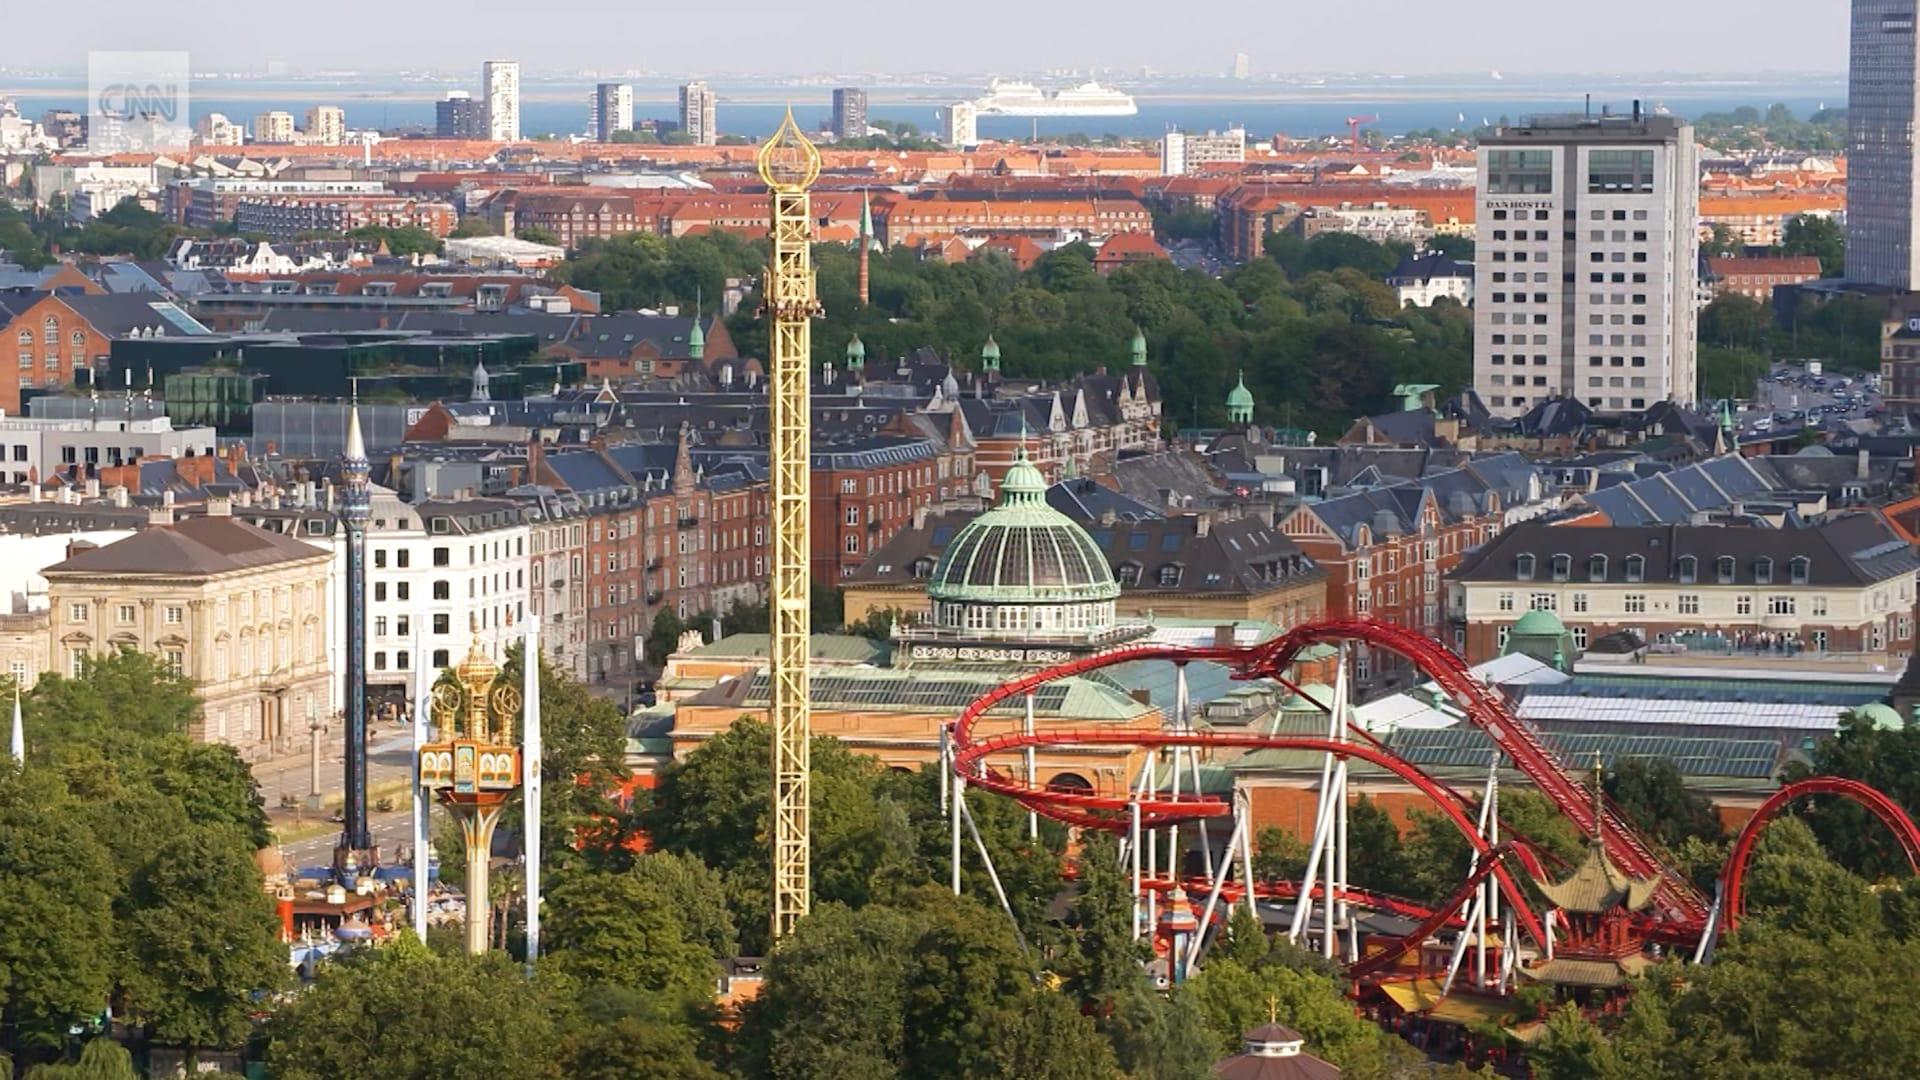 """رحلة بصحبة """"كنز وطني"""".. استكشف روح الدعابة في كوبنهاغن بالدنمارك"""